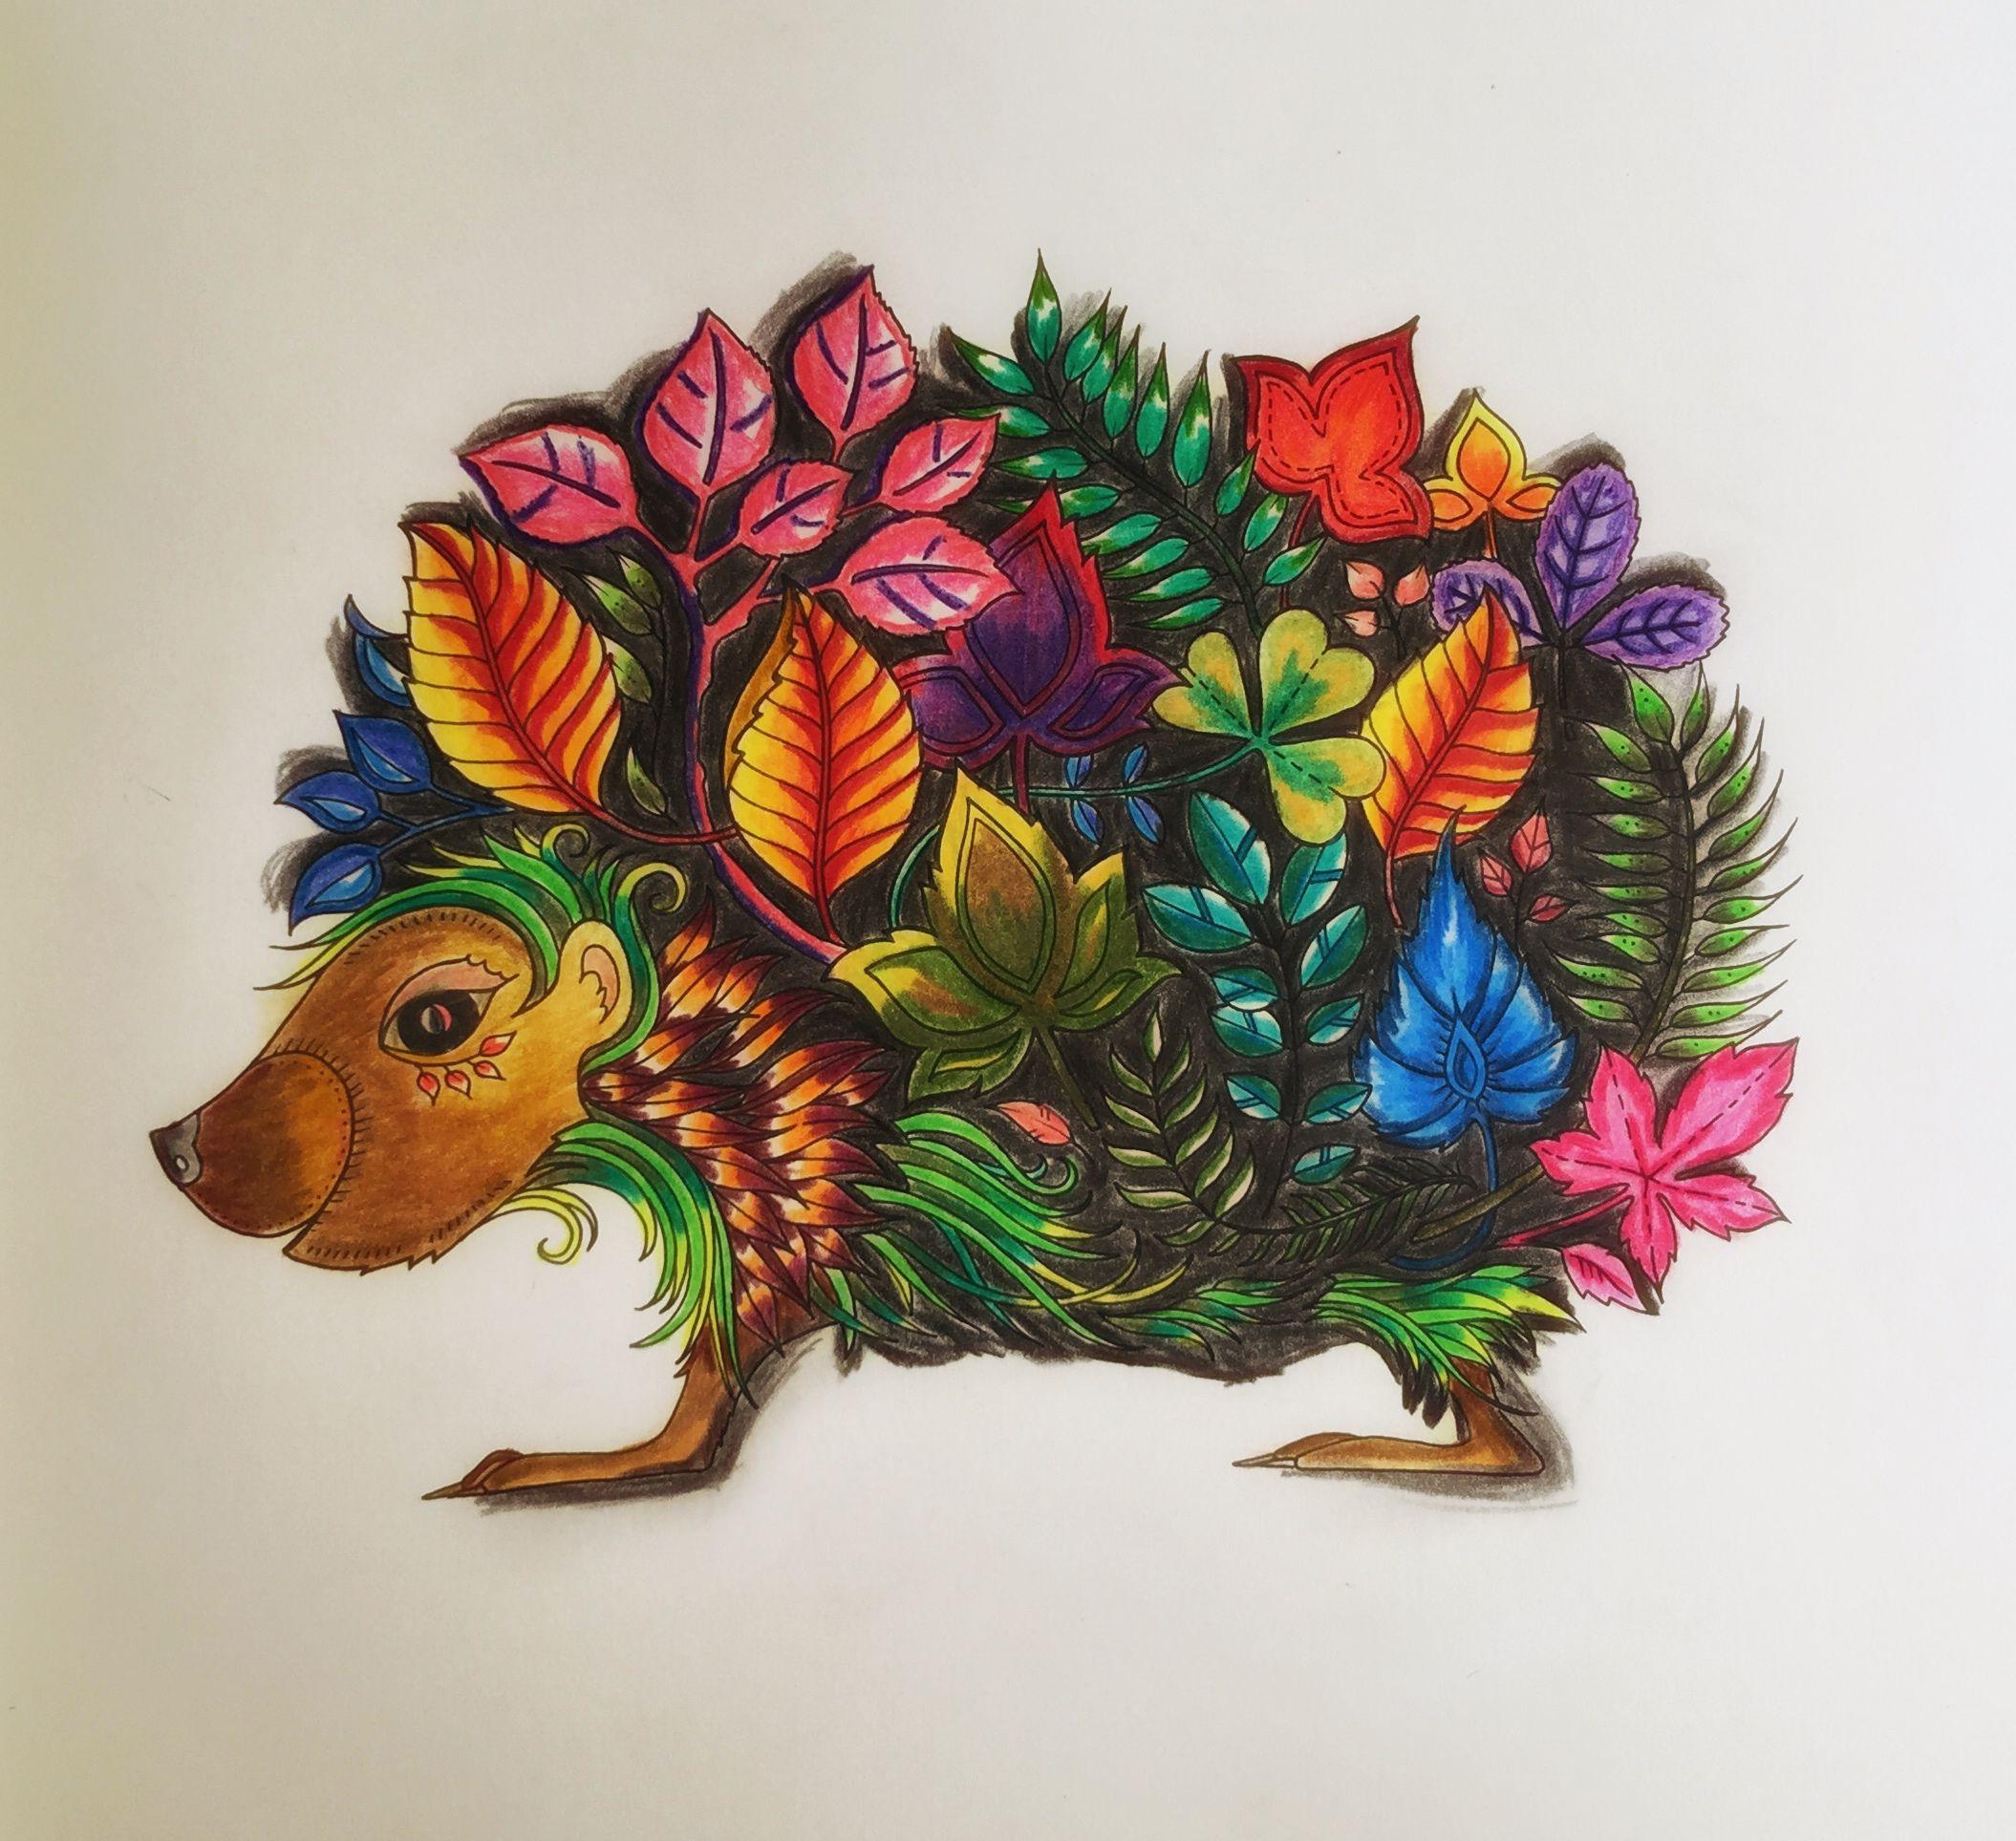 Enchanted forest (Johanna Basford) The Hedgehog Johanna